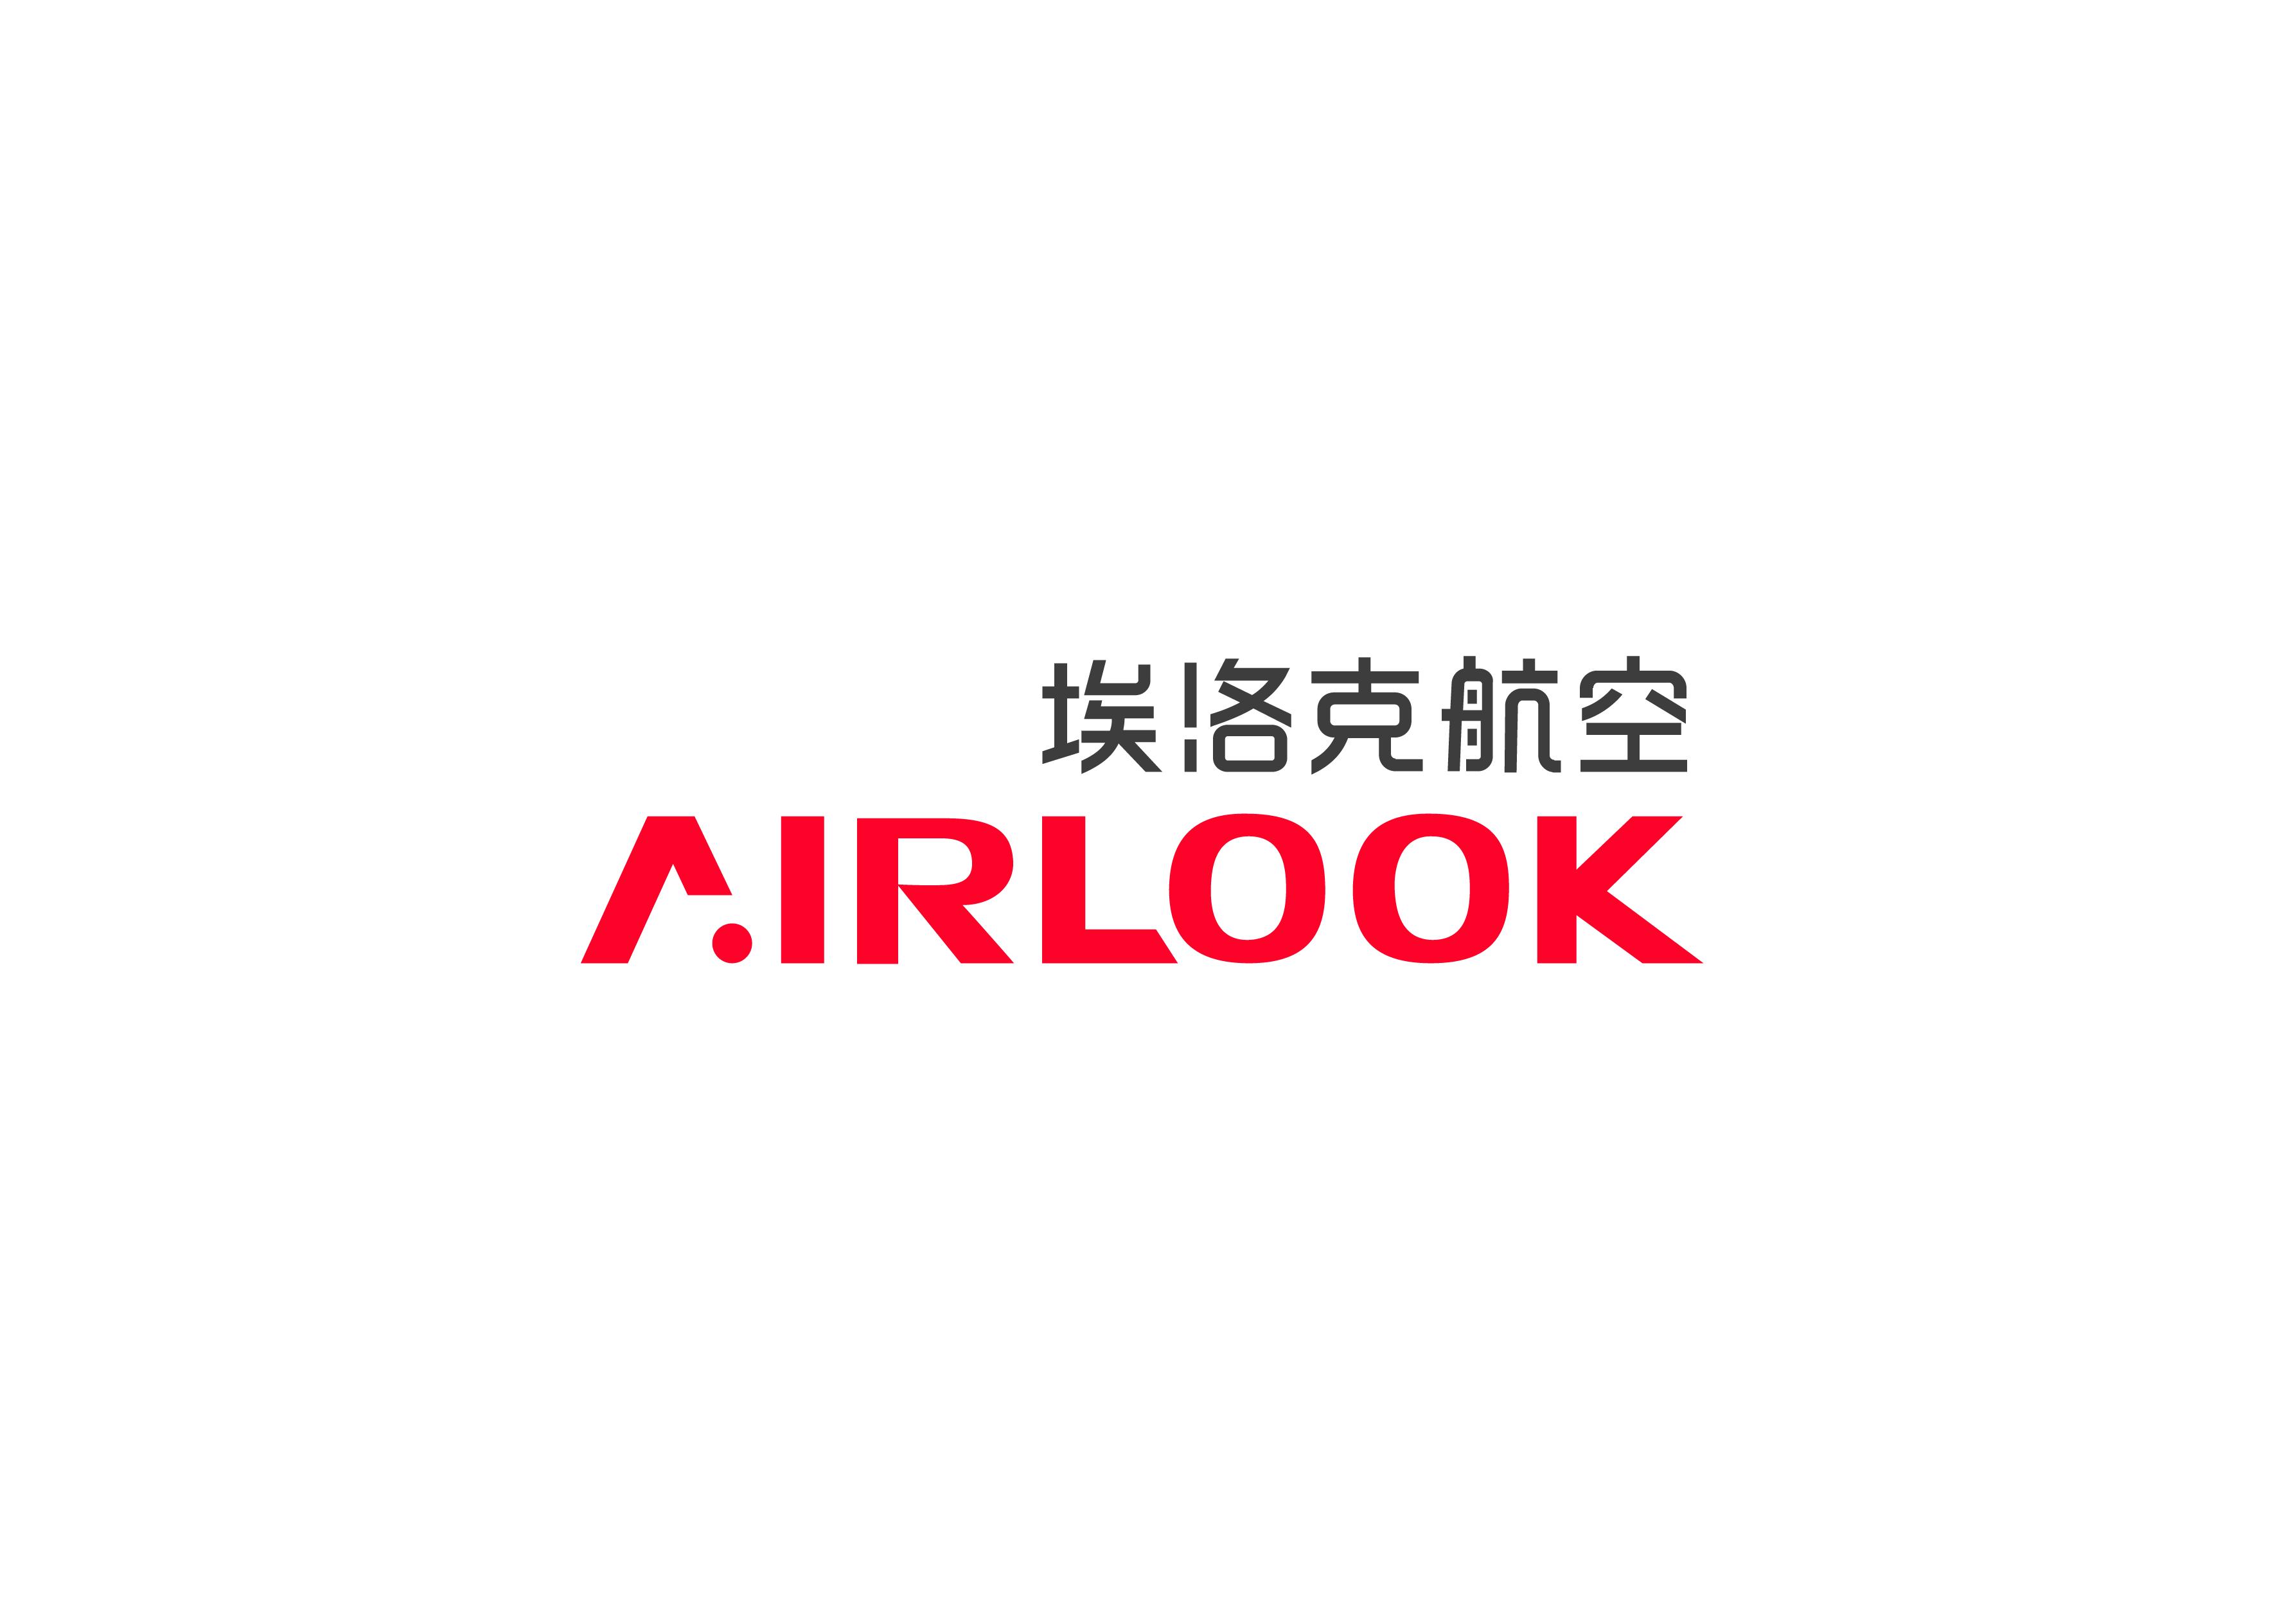 埃洛克航空科技(北京)有限公司